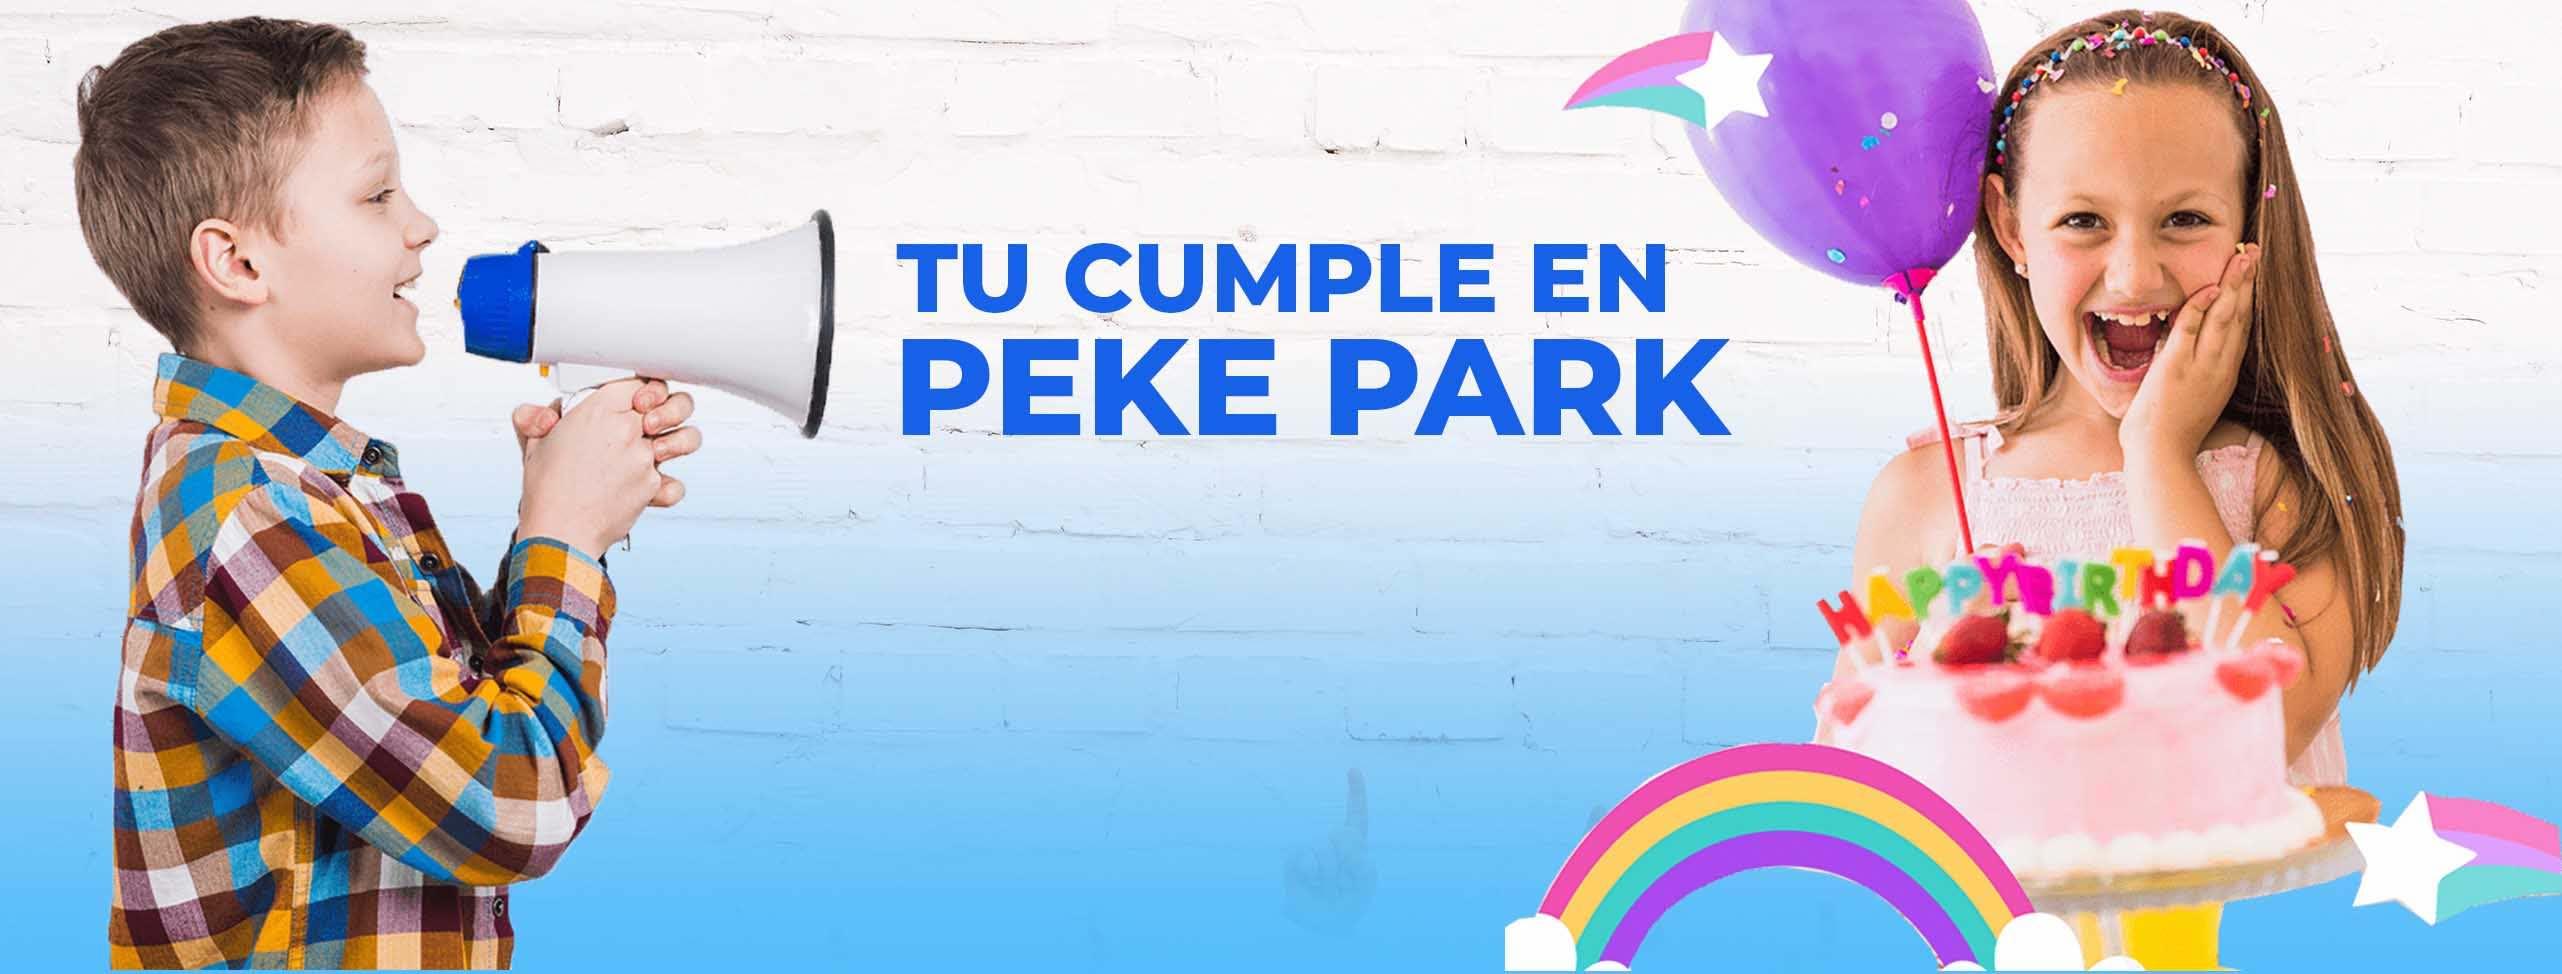 celebra tu cumpleaños en peke park